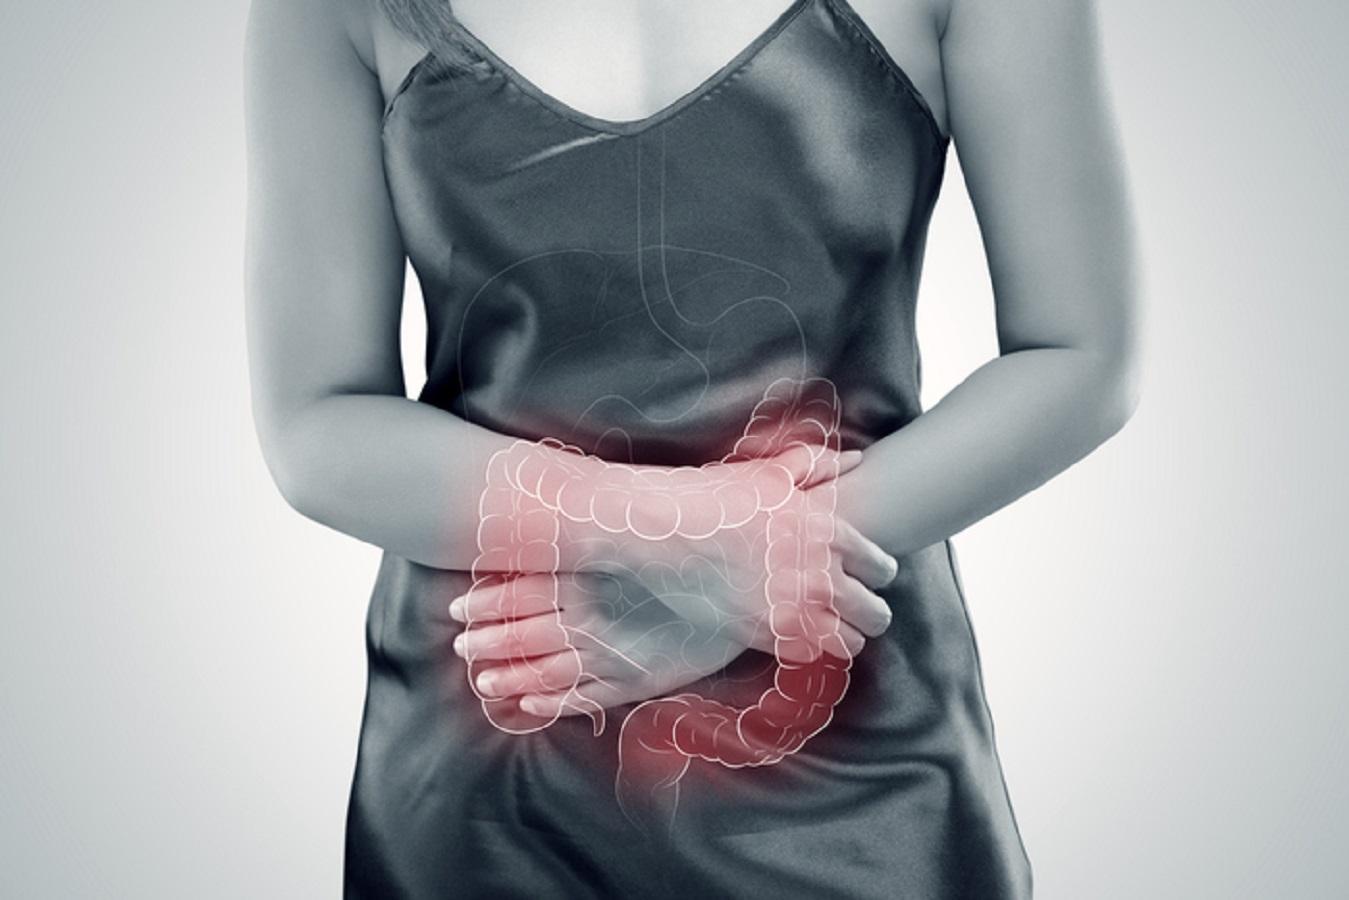 Cancro al colon, batterio intestinale potrebbe favorirlo